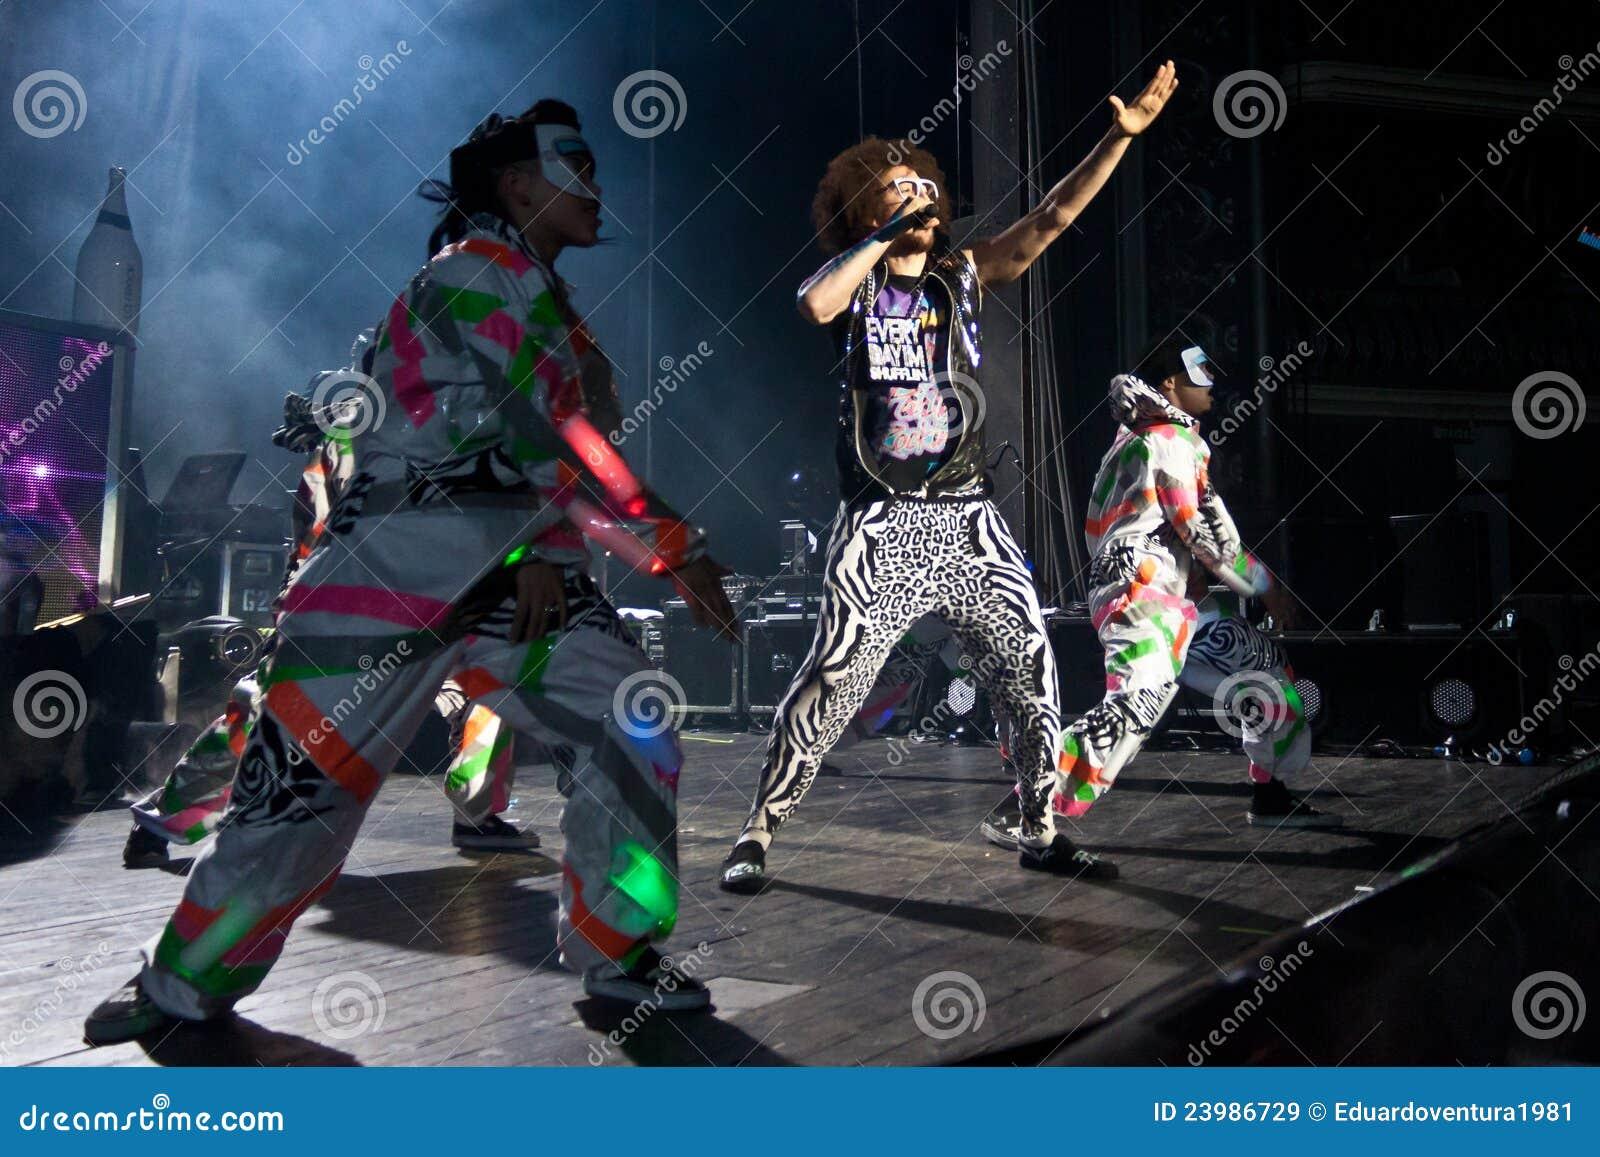 LMFAO Performing Live at Coliseu de Lisboa